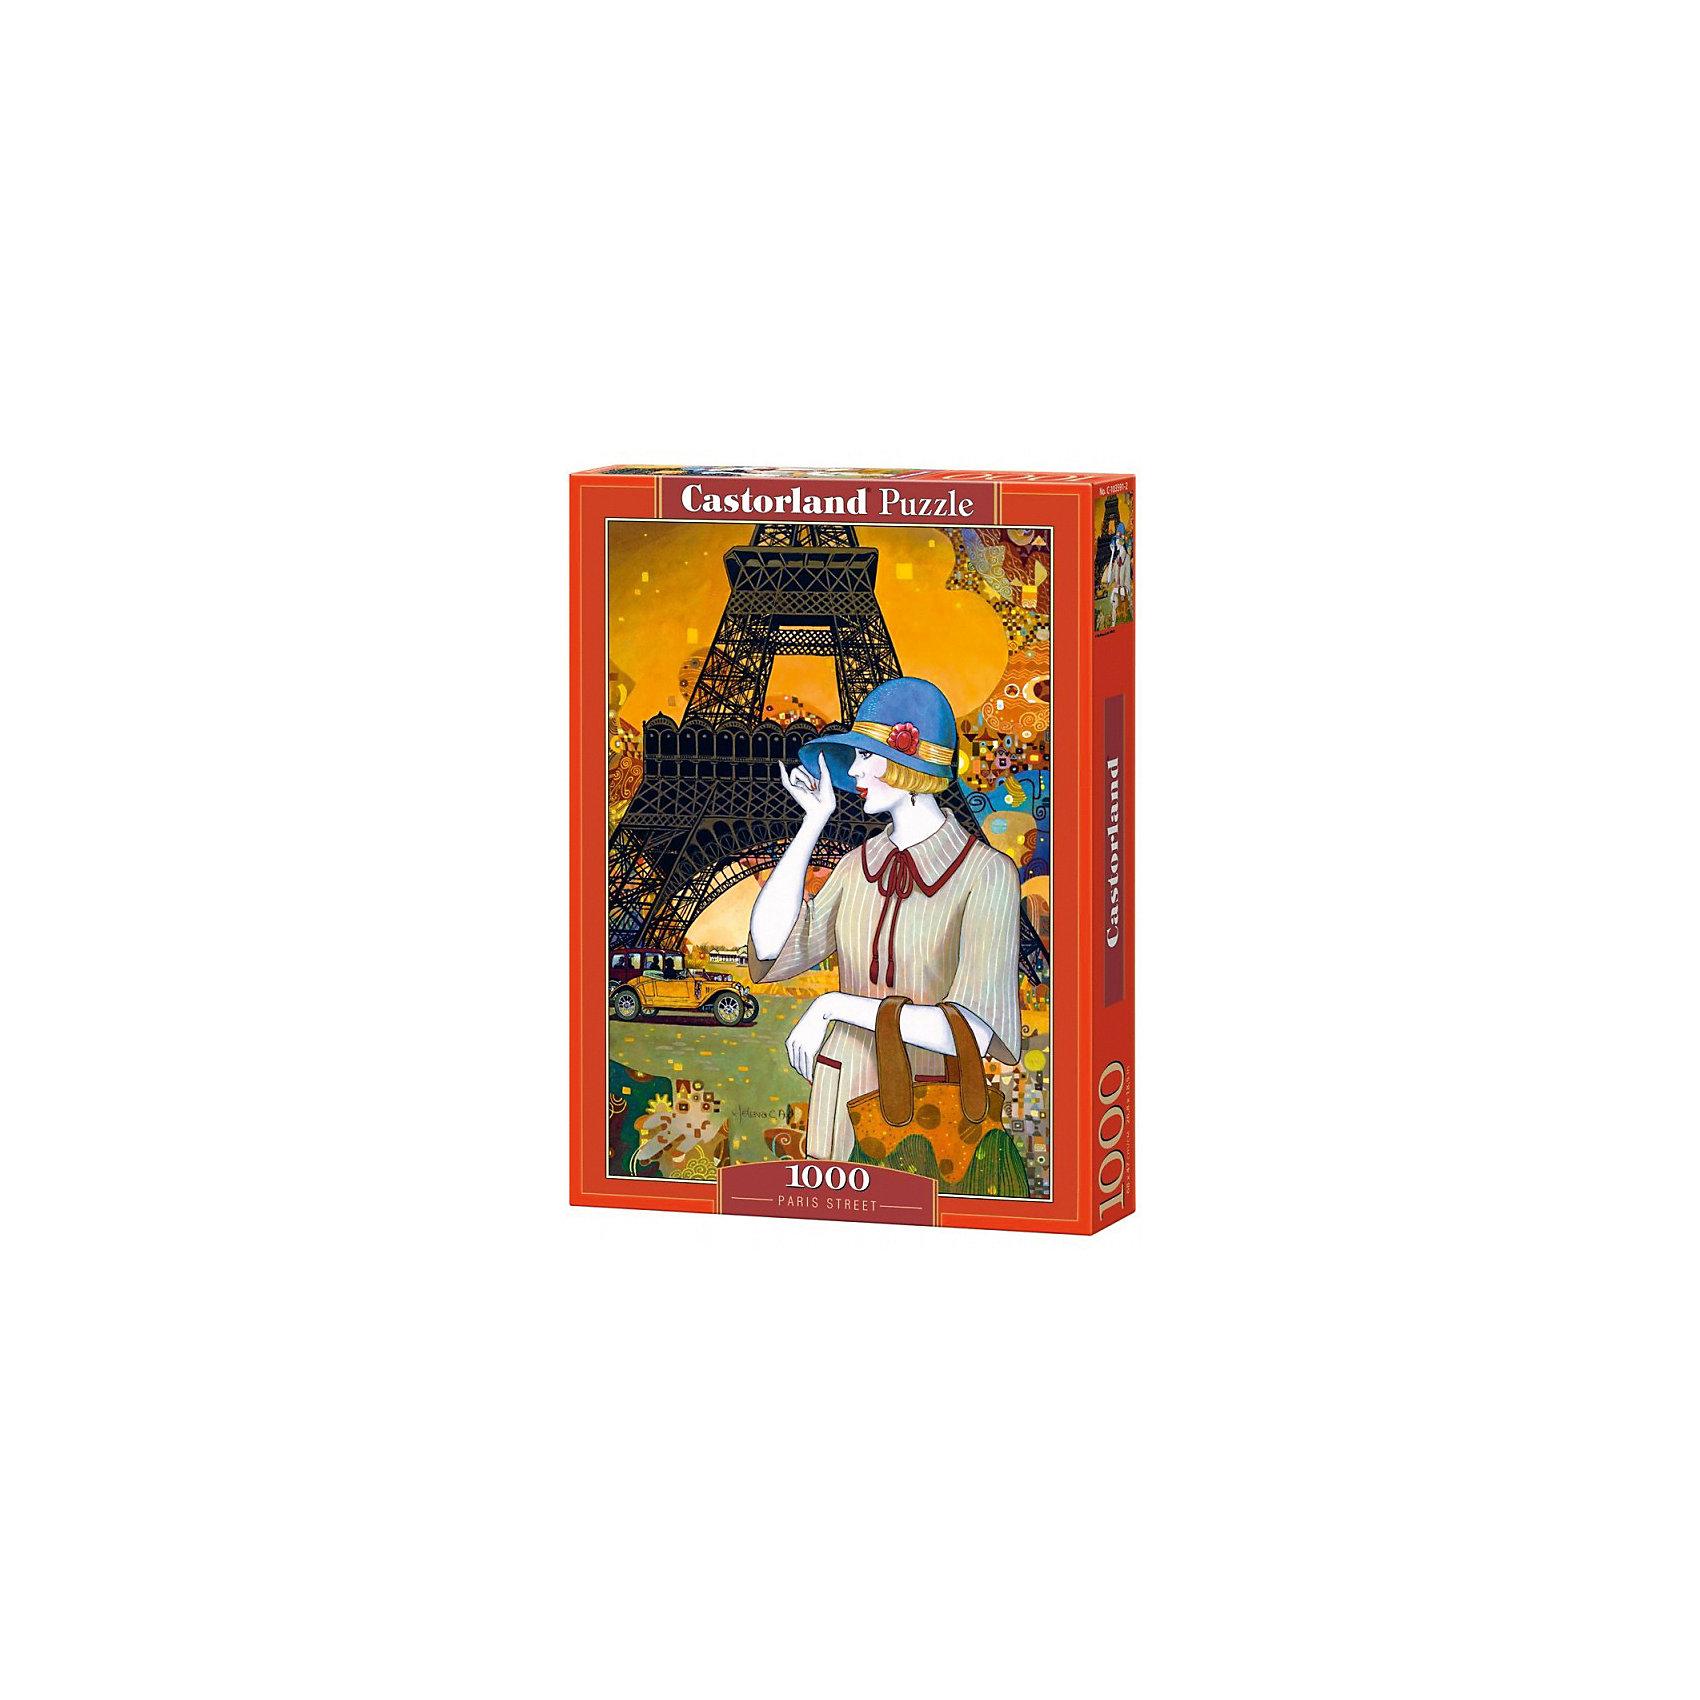 Пазл Castorland Париж, 1000 деталейПазлы для детей постарше<br>Характеристики:<br><br>• возраст: от 9 лет<br>• количество деталей: 1000 шт.<br>• размер собранного пазла: 47х68 см.<br>• материал: картон<br>• упаковка: картонная коробка<br>• размер упаковки: 25x5x35 см.<br>• вес: 500 гр.<br>• страна обладатель бренда: Польша<br><br>Пазл «Париж» от Castorland (Касторленд) отличается высоким качеством, высоким уровнем полиграфии, насыщенными цветами и идеальной стыковкой элементов. Пазл «Париж» предназначен для сборки детьми среднего и старшего возраста и, конечно, для взрослых. Из 1000 элементов пазла складывается красивая картина с изображением утонченной парижанки на фоне Эйфелевой башни.<br><br>Пазл Париж, 1000 деталей, Castorland (Касторленд) можно купить в нашем интернет-магазине.<br><br>Ширина мм: 350<br>Глубина мм: 250<br>Высота мм: 50<br>Вес г: 500<br>Возраст от месяцев: 108<br>Возраст до месяцев: 2147483647<br>Пол: Женский<br>Возраст: Детский<br>SKU: 6725073